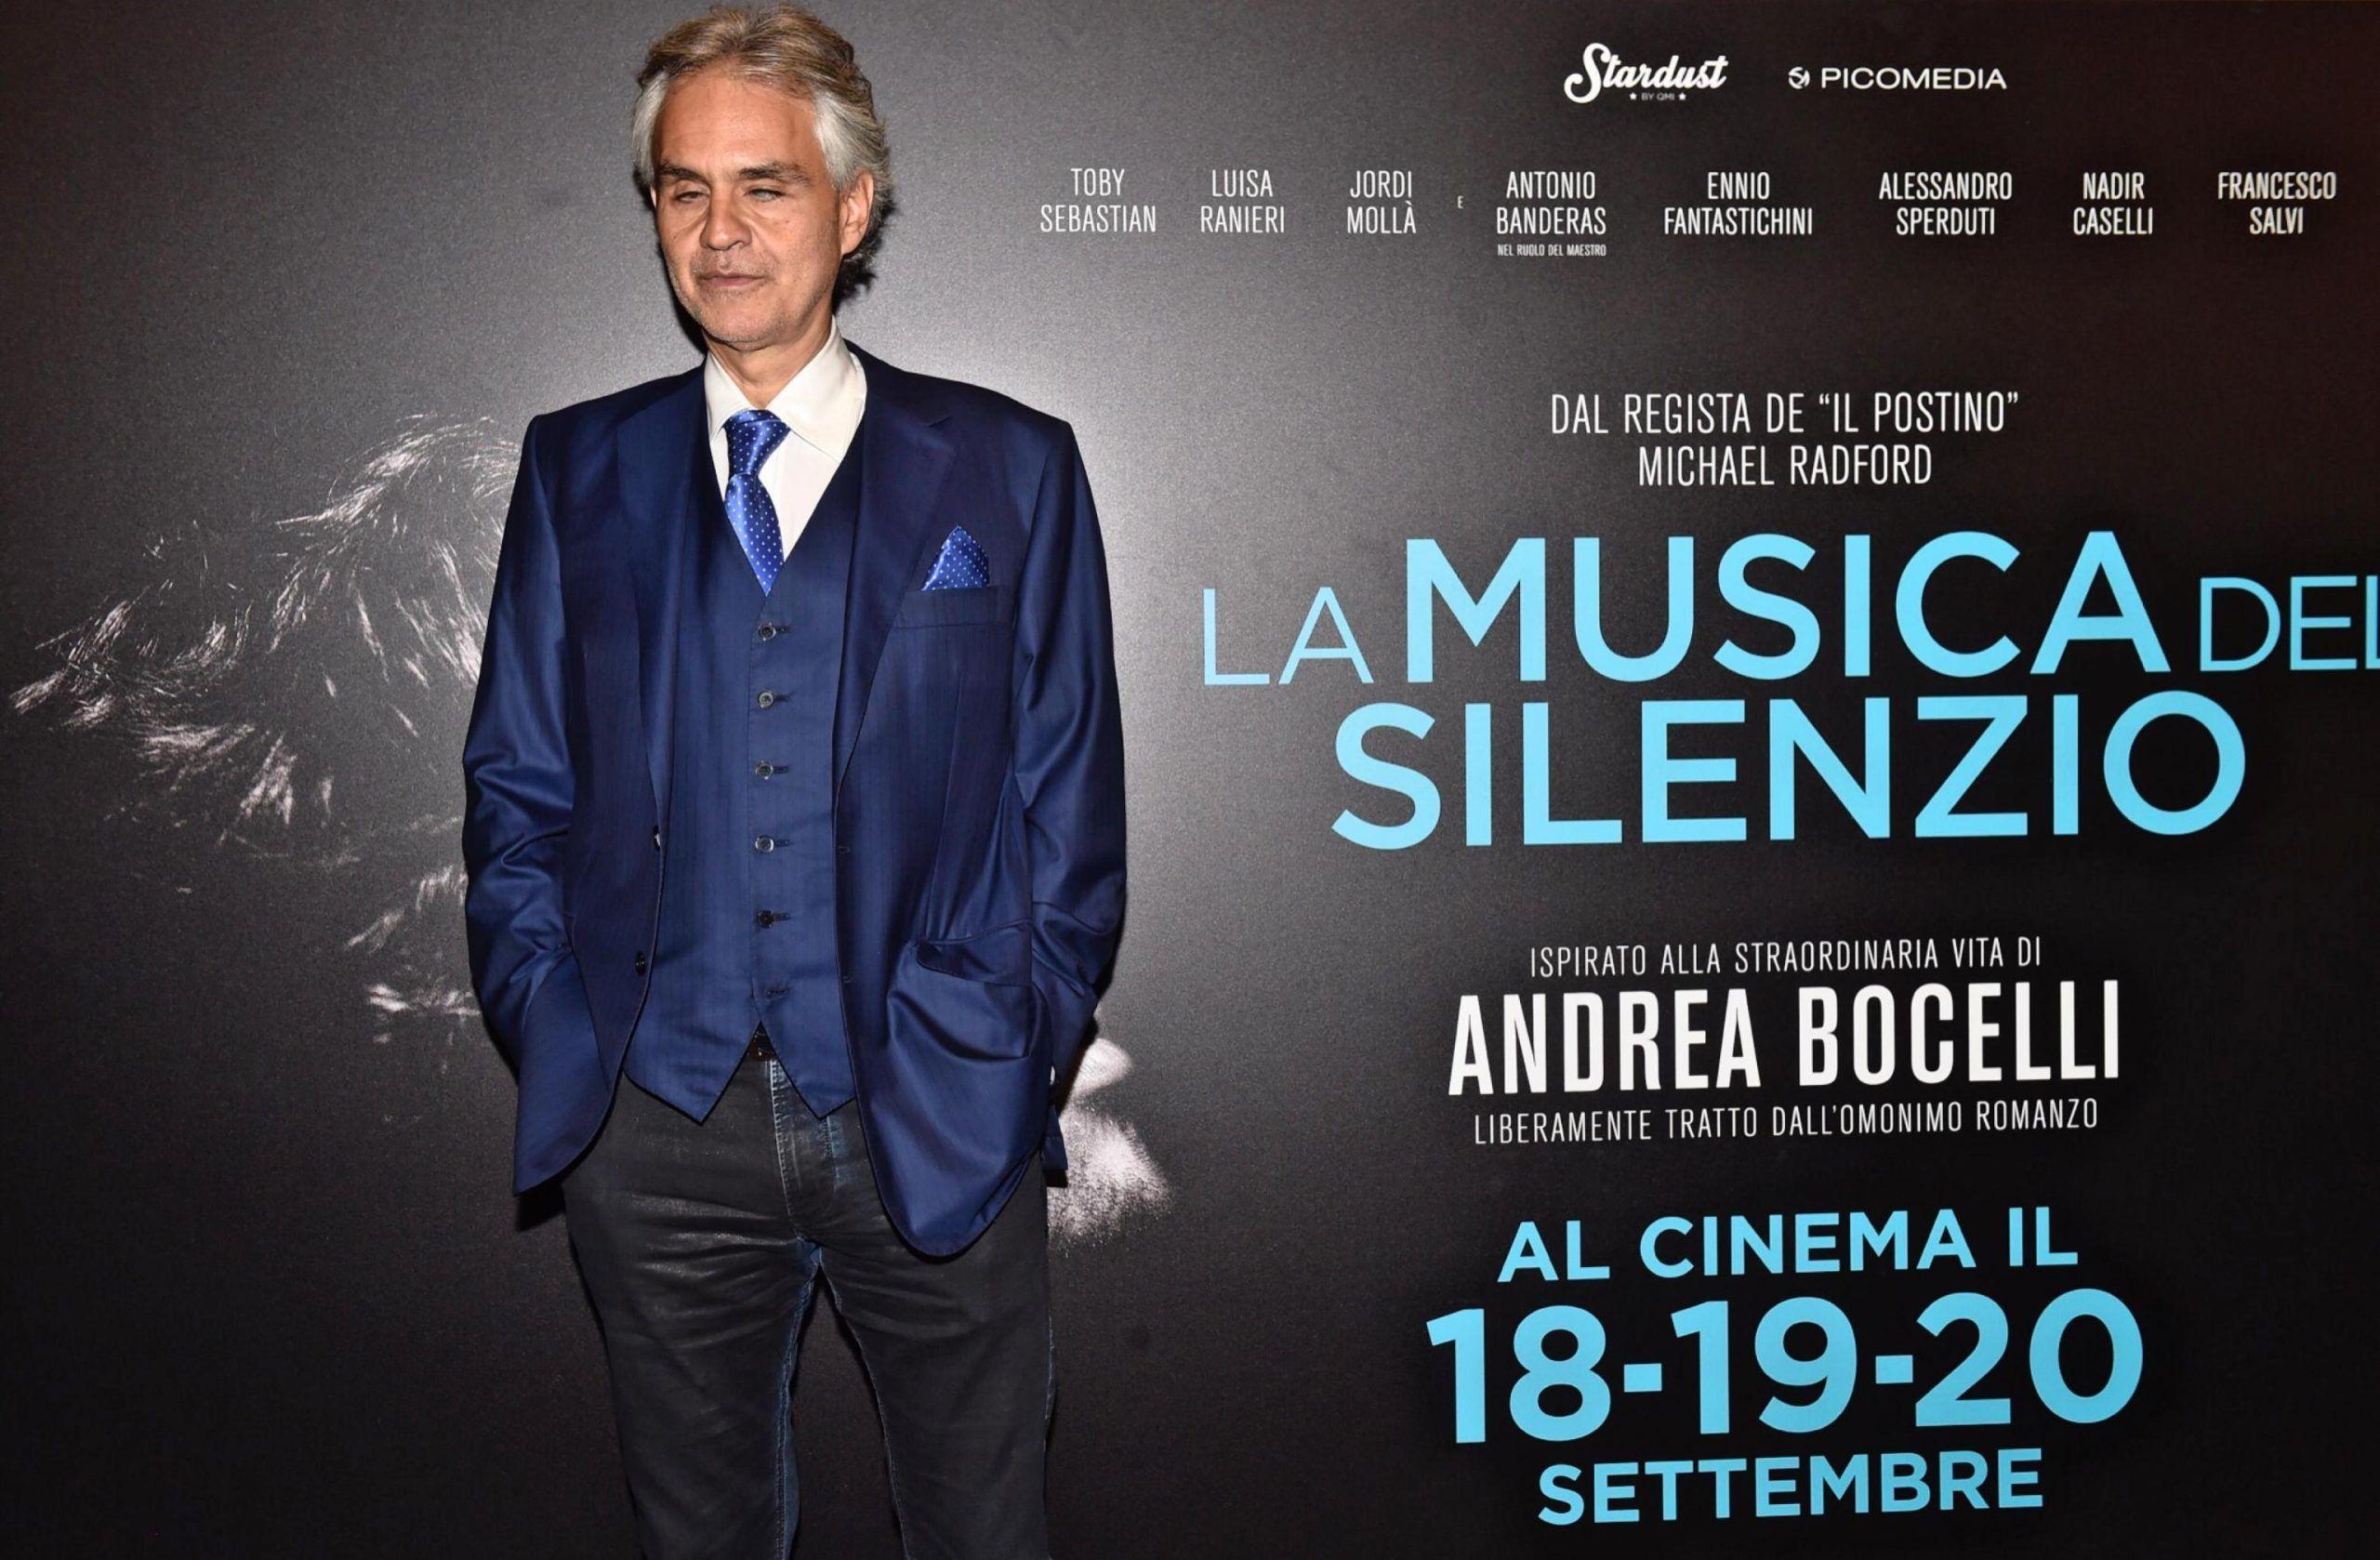 'La musica del silenzio', il film su Andrea Bocelli il 2 ottobre su Rai 1